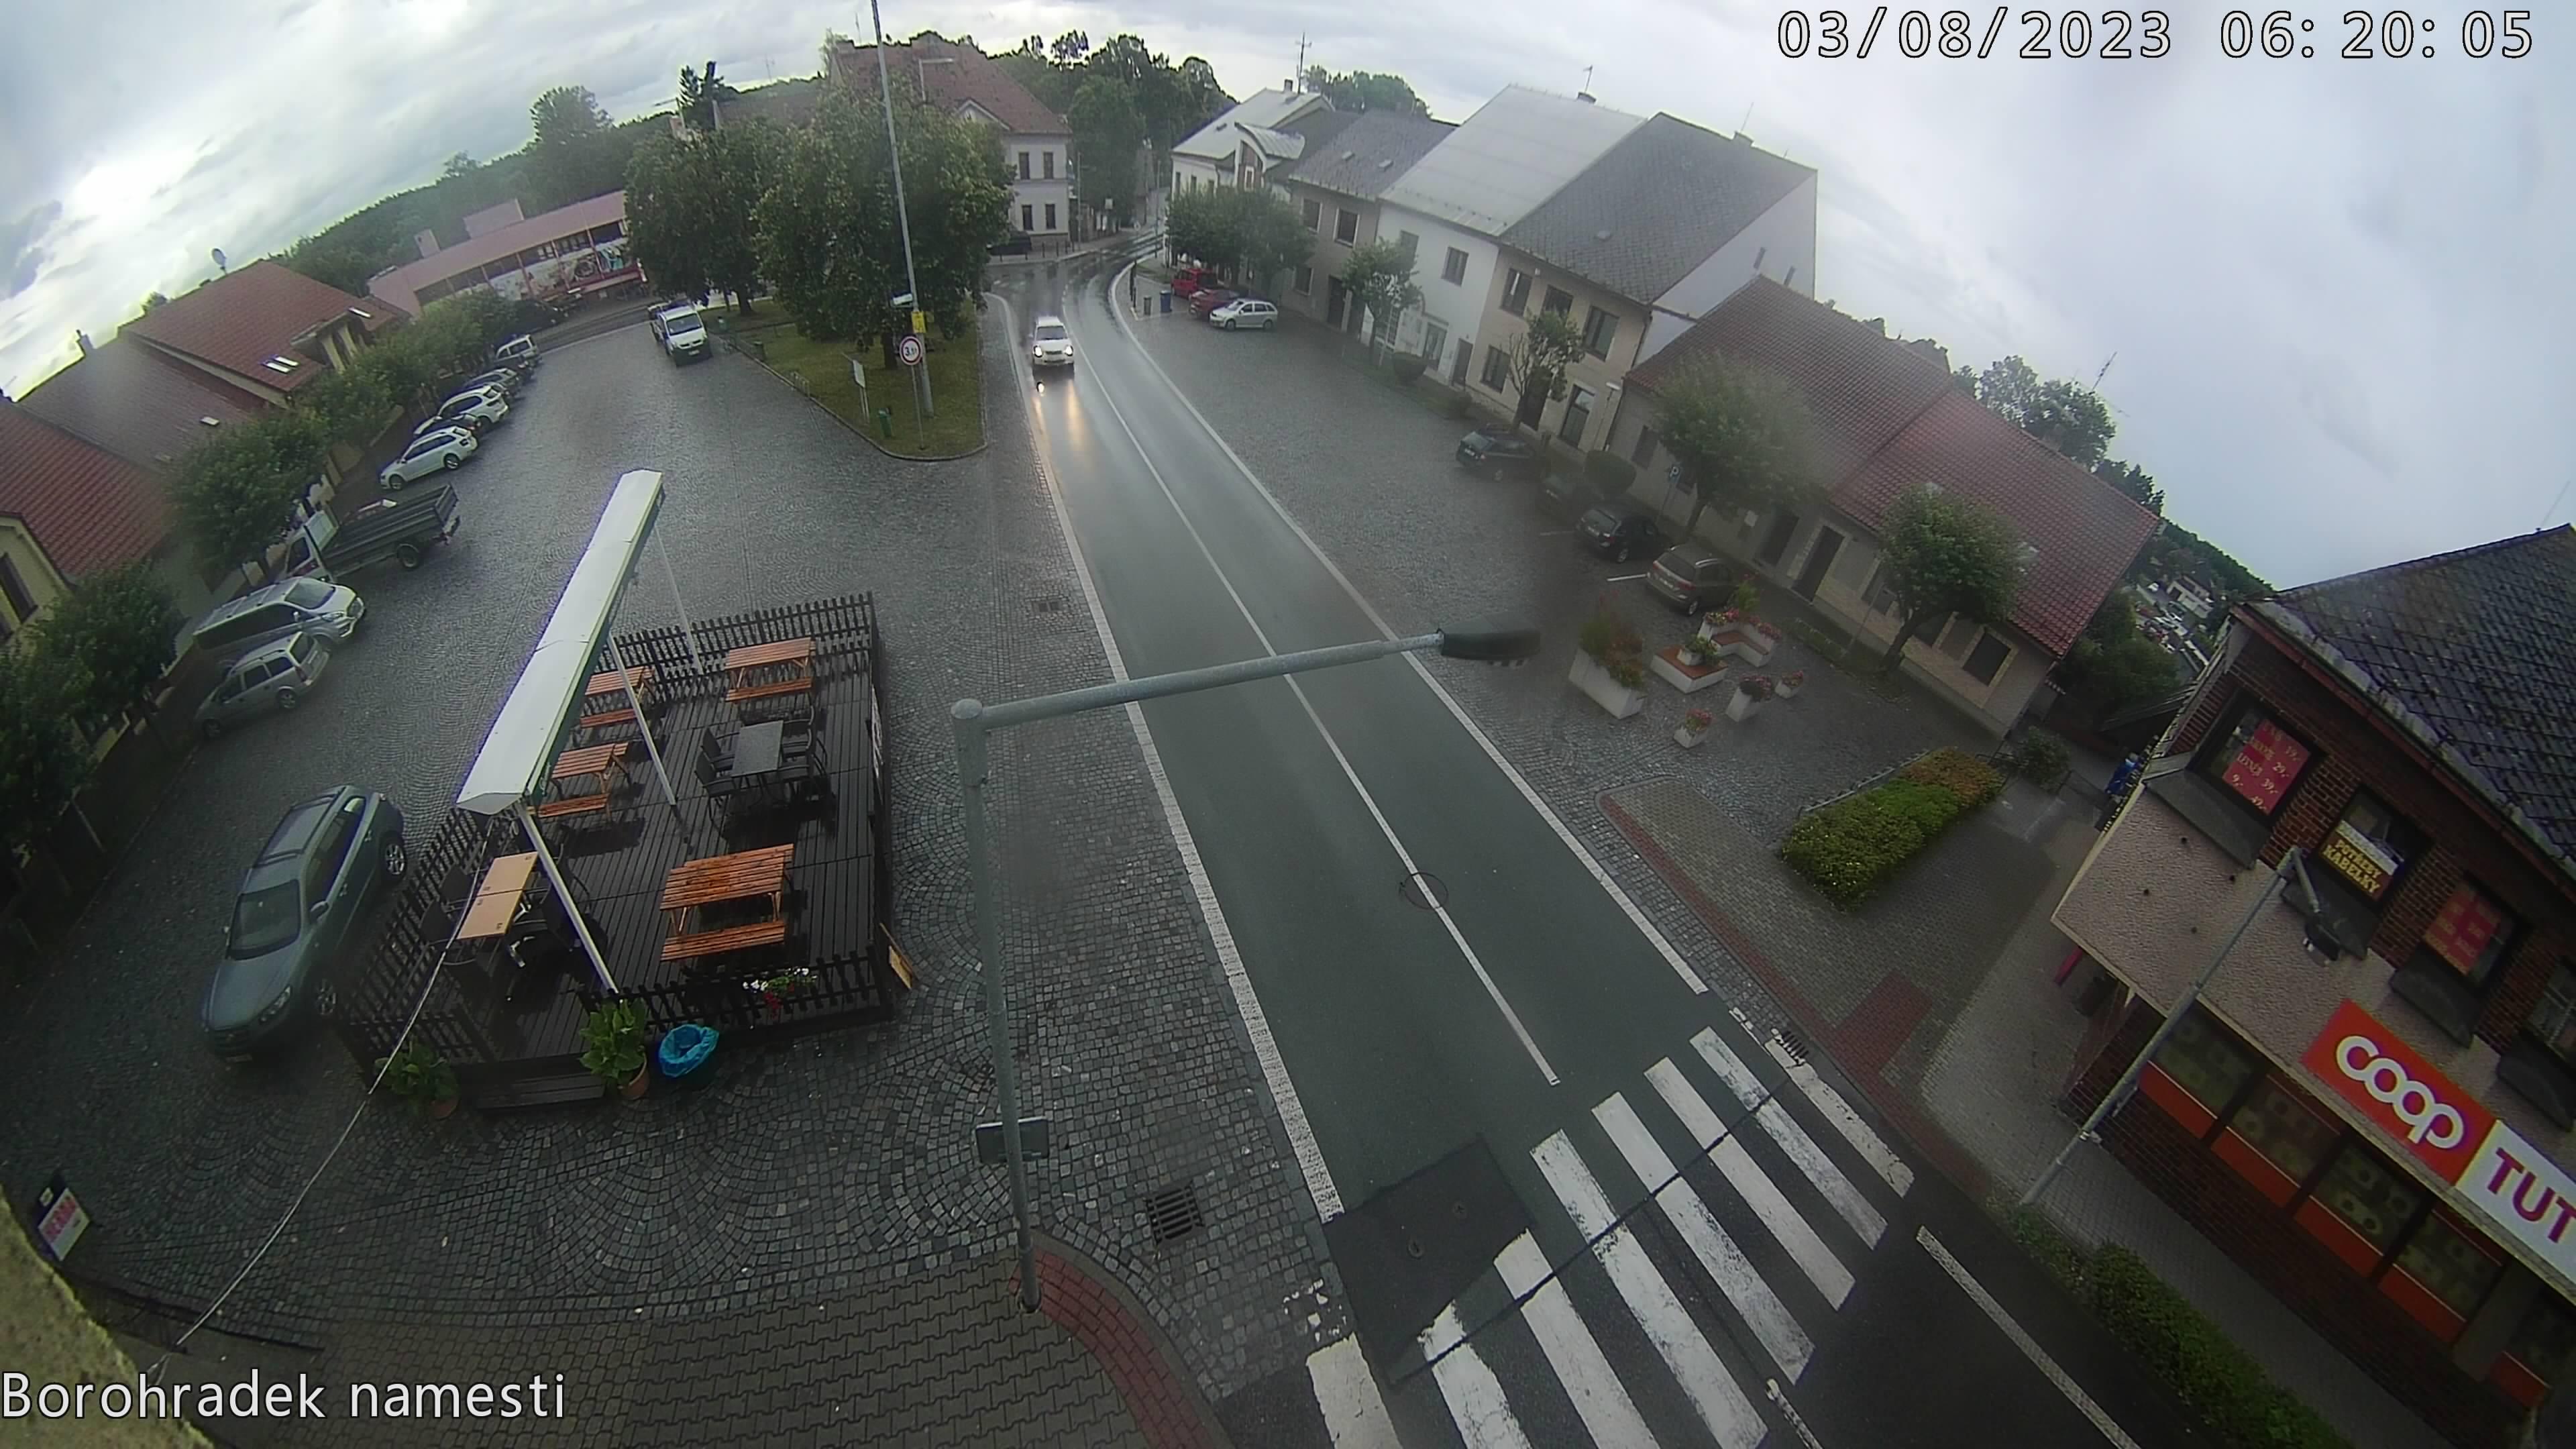 Borohrádek - Náměstí